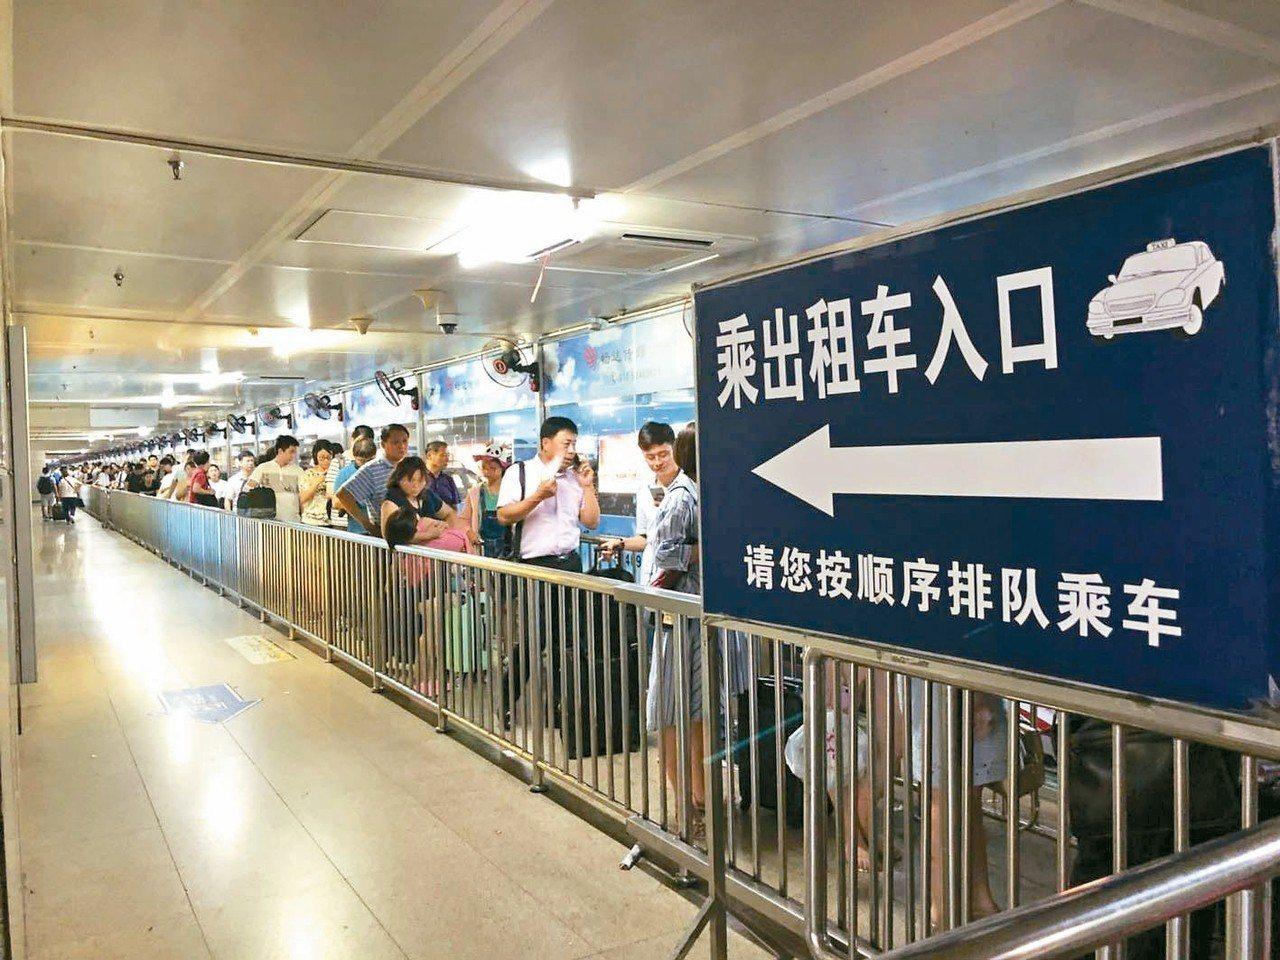 北京南站打車難,計程車排隊入口只有一個,上百名乘客在悶熱的環境中等車。 特派記者...